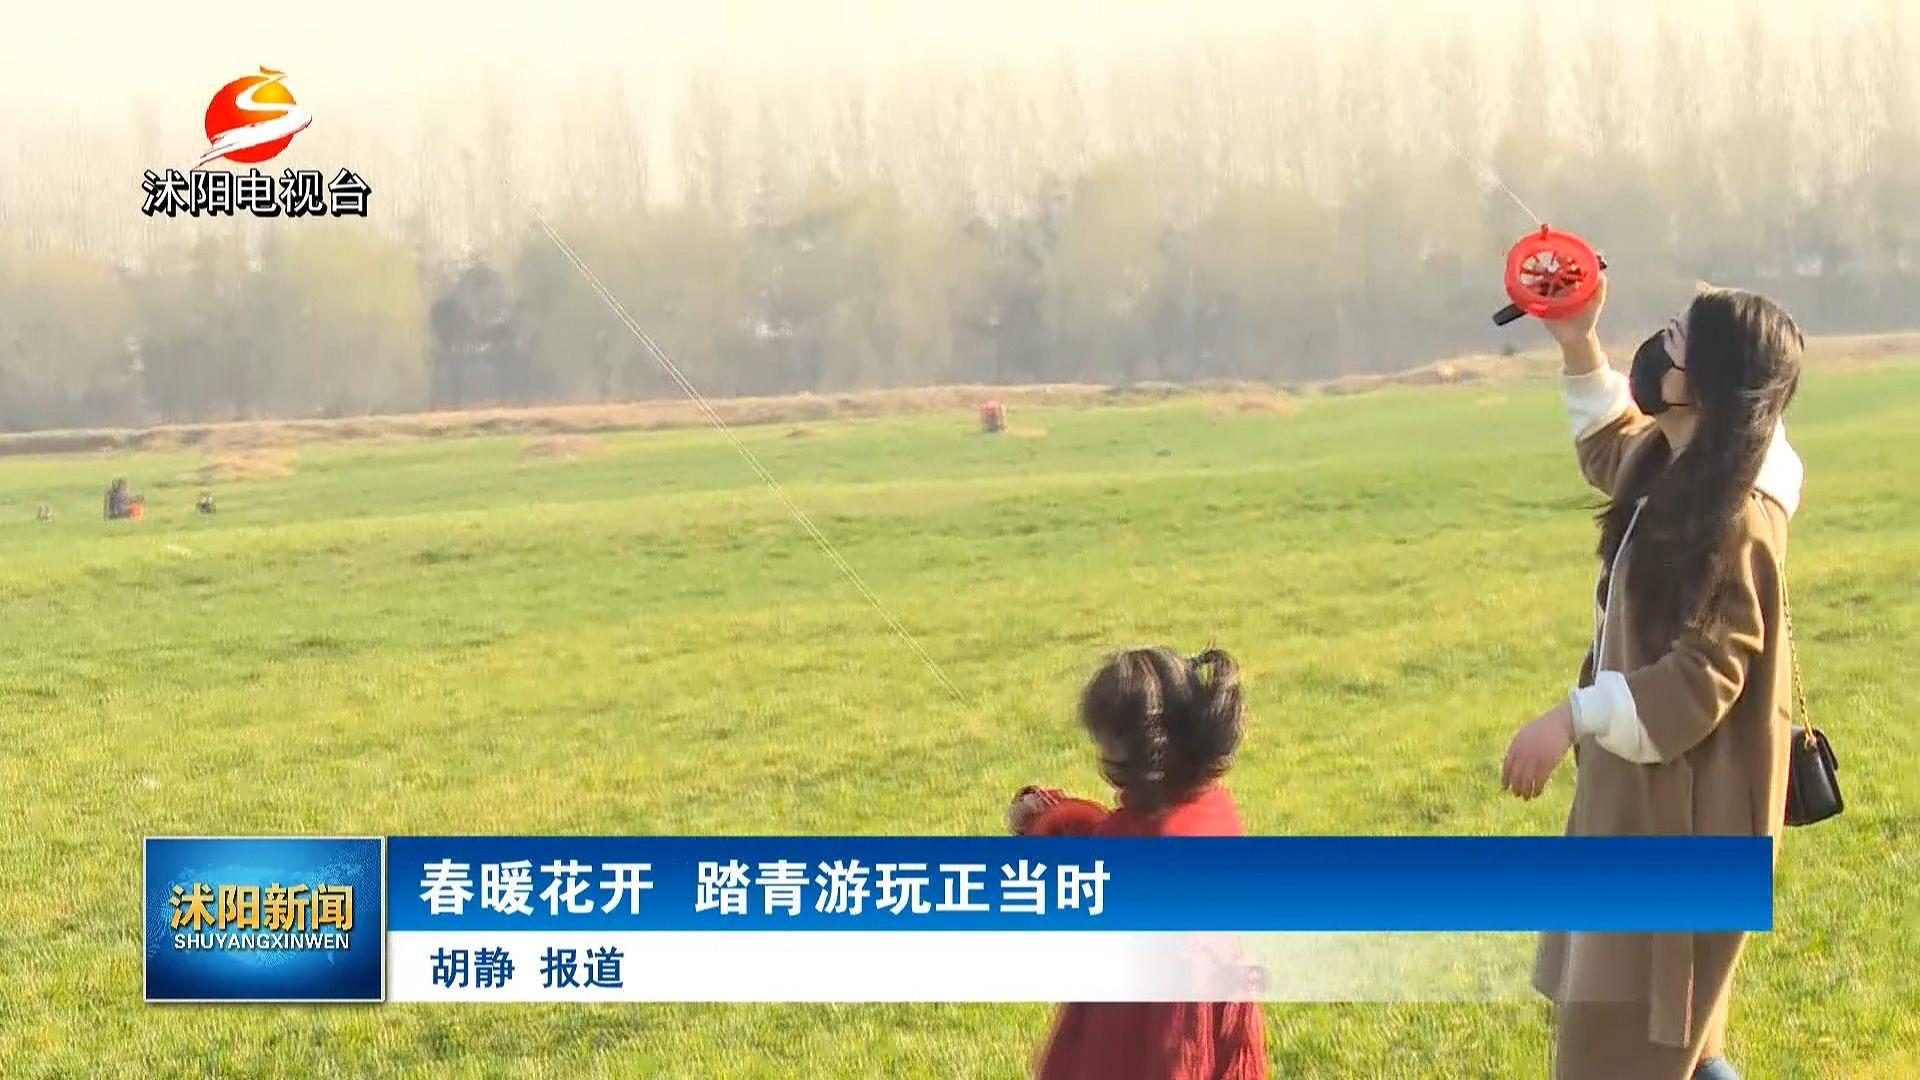 踏青正当时!沭阳沂河淌水漫桥附近不少市民放风筝